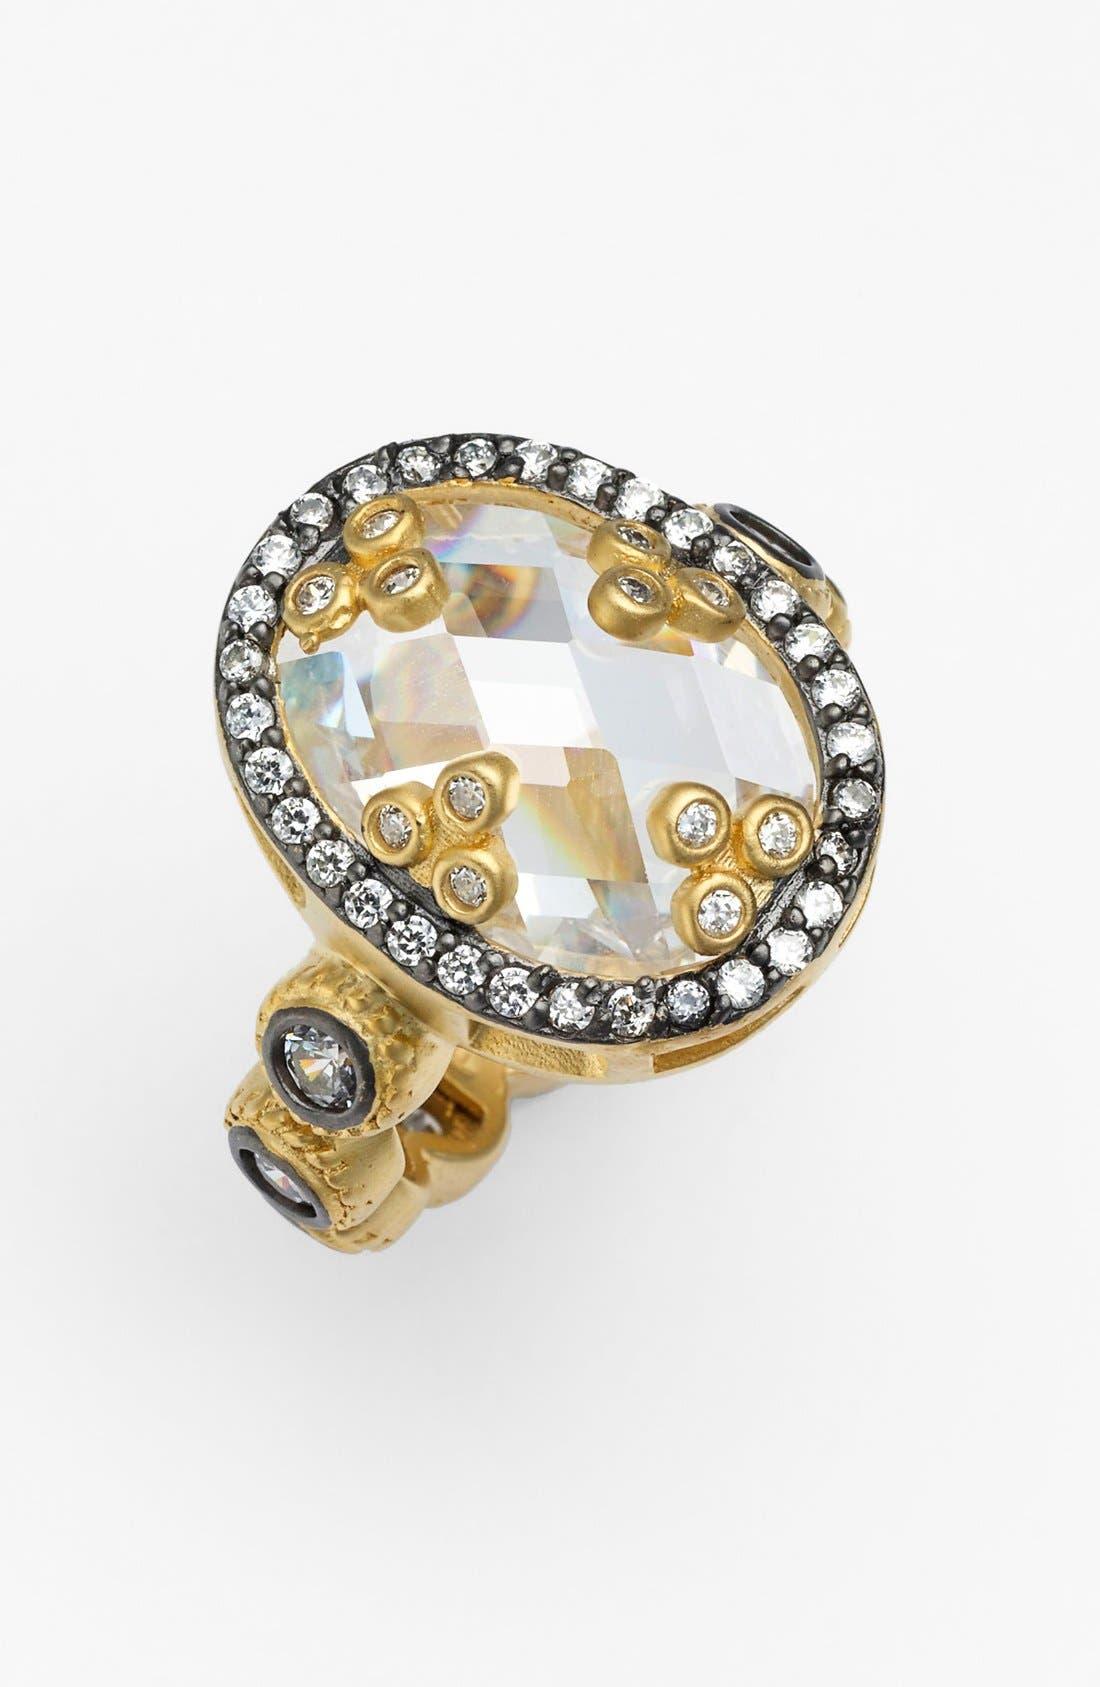 Main Image - FREIDA ROTHMAN 'Metropolitan' Mirror Ring